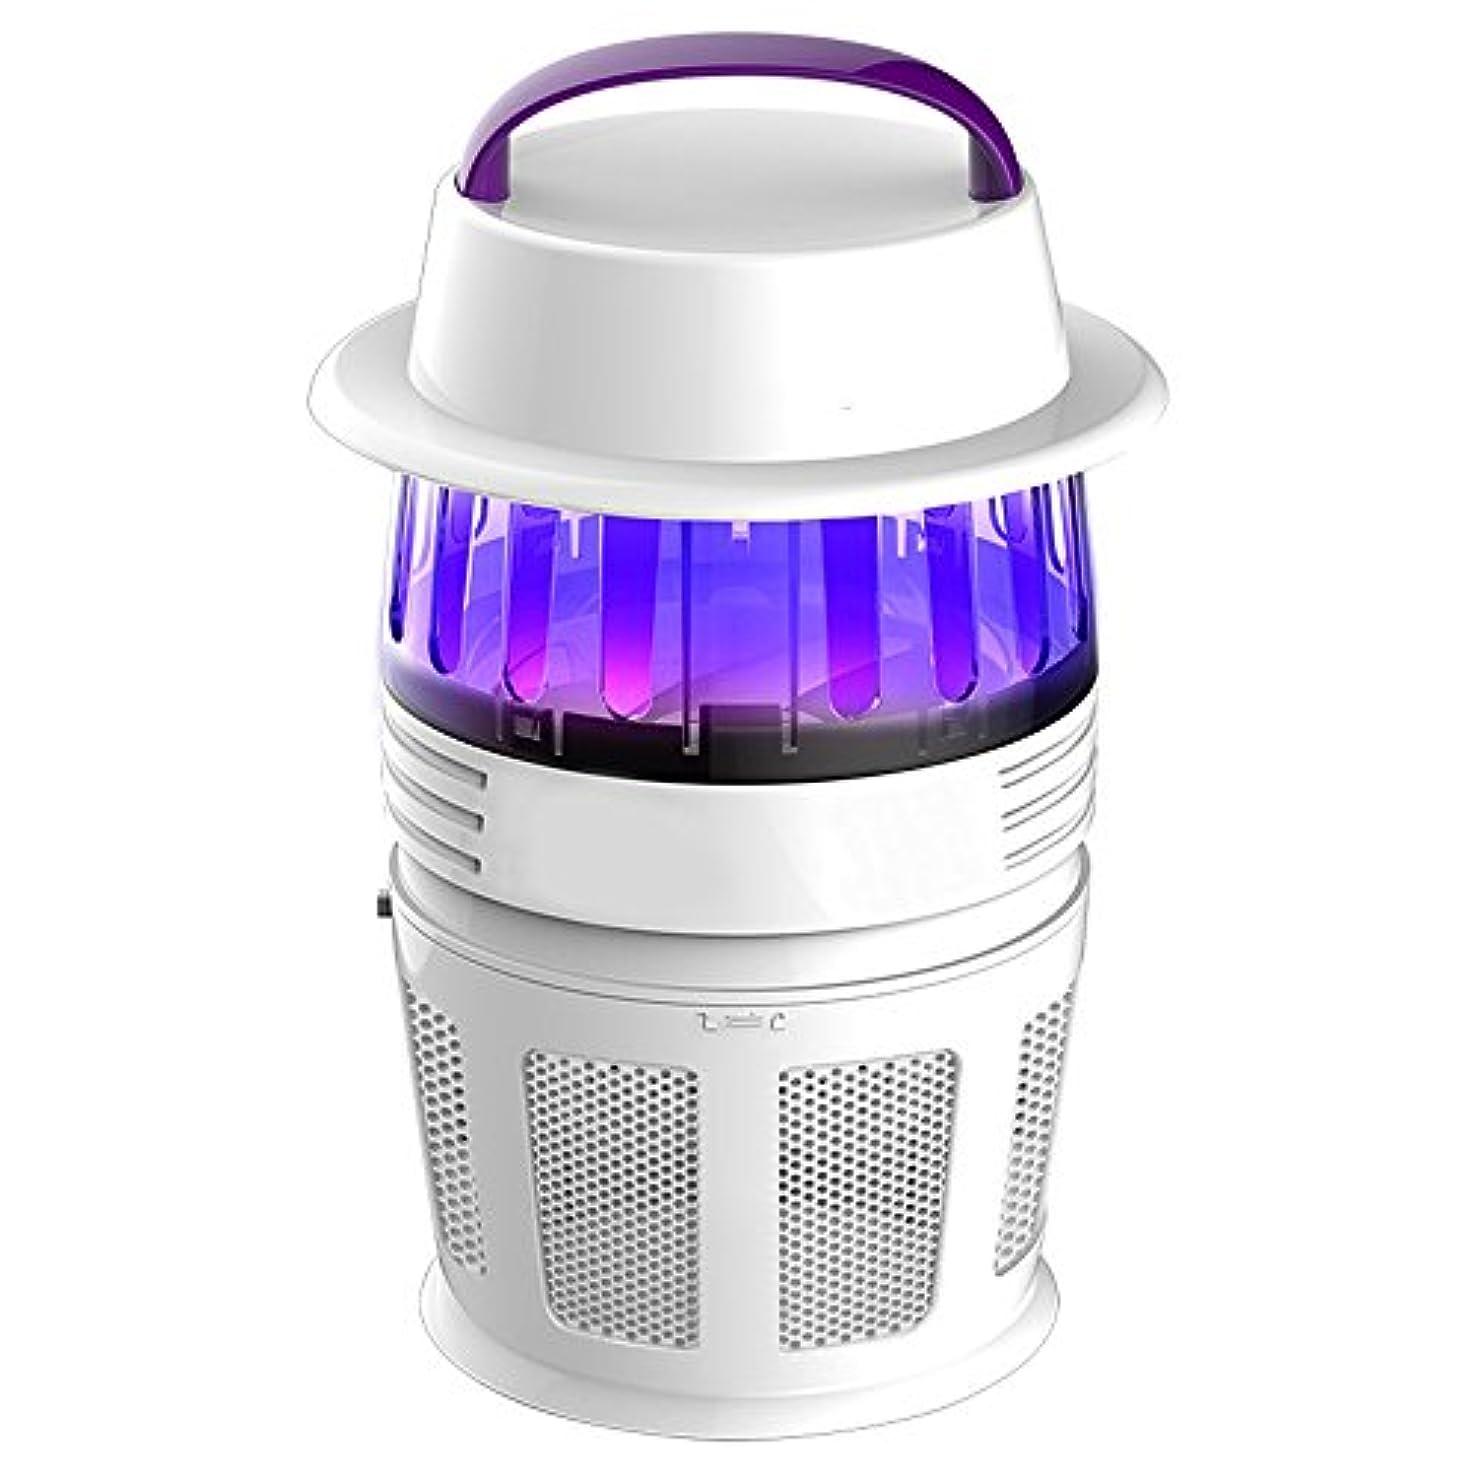 蚊よけランプ 家庭用蚊ランプABS材料白蚊アーチファクト昆虫忌避剤UV蚊のプラグインタイプベッドルーム物理的な蚊の制御175 * 175 * 275ミリメートル 防虫灯